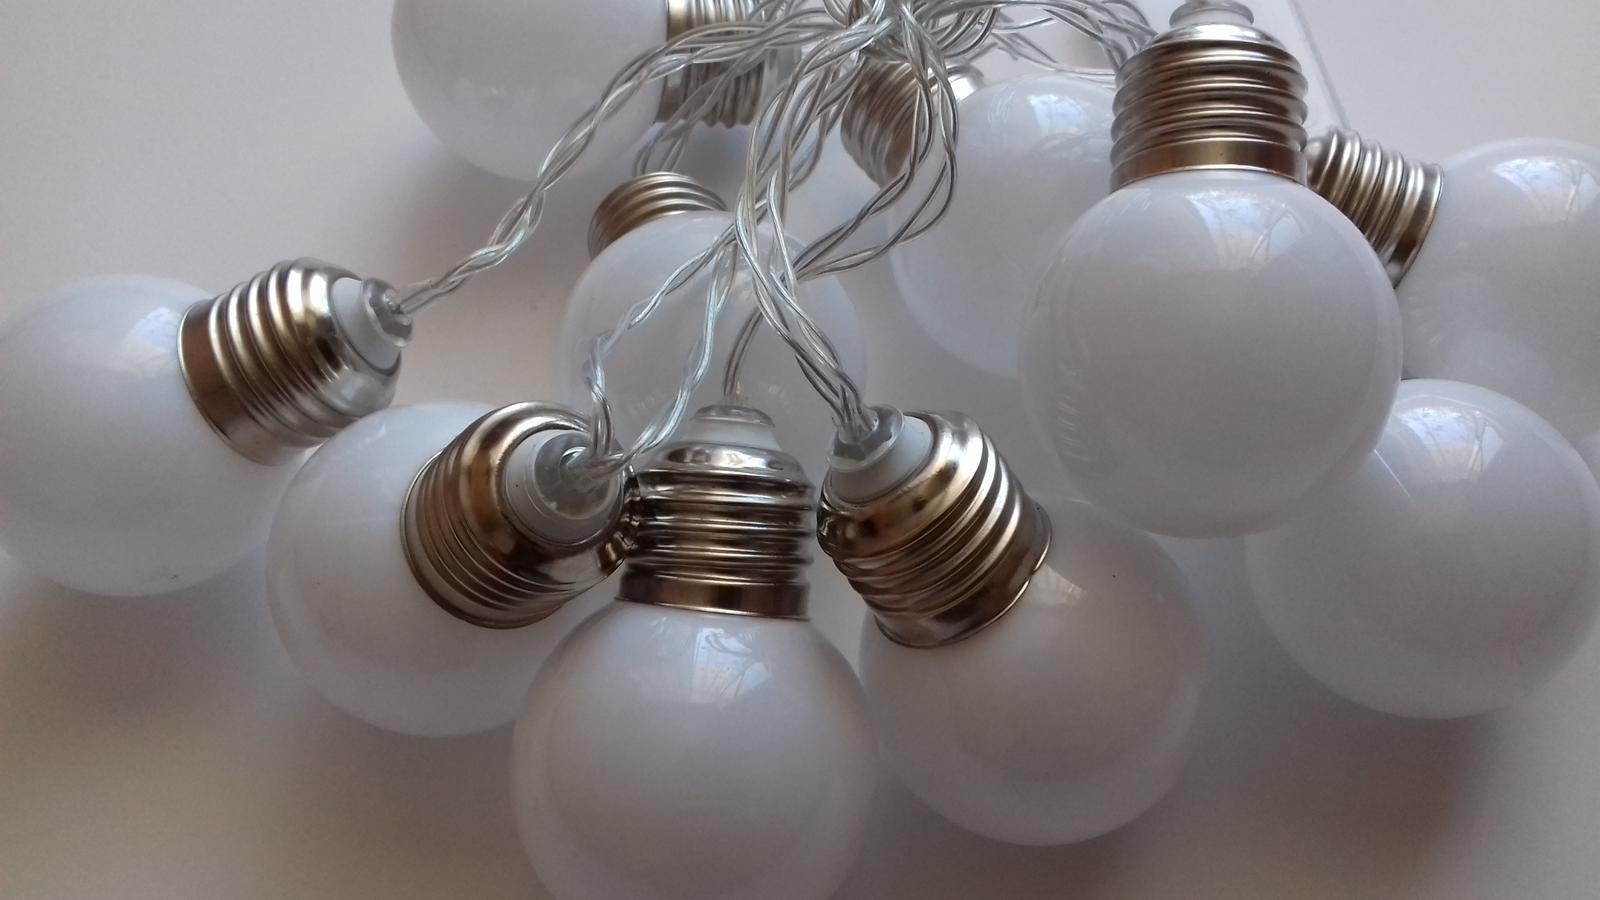 světelný řetěz-žárovky - Obrázek č. 2